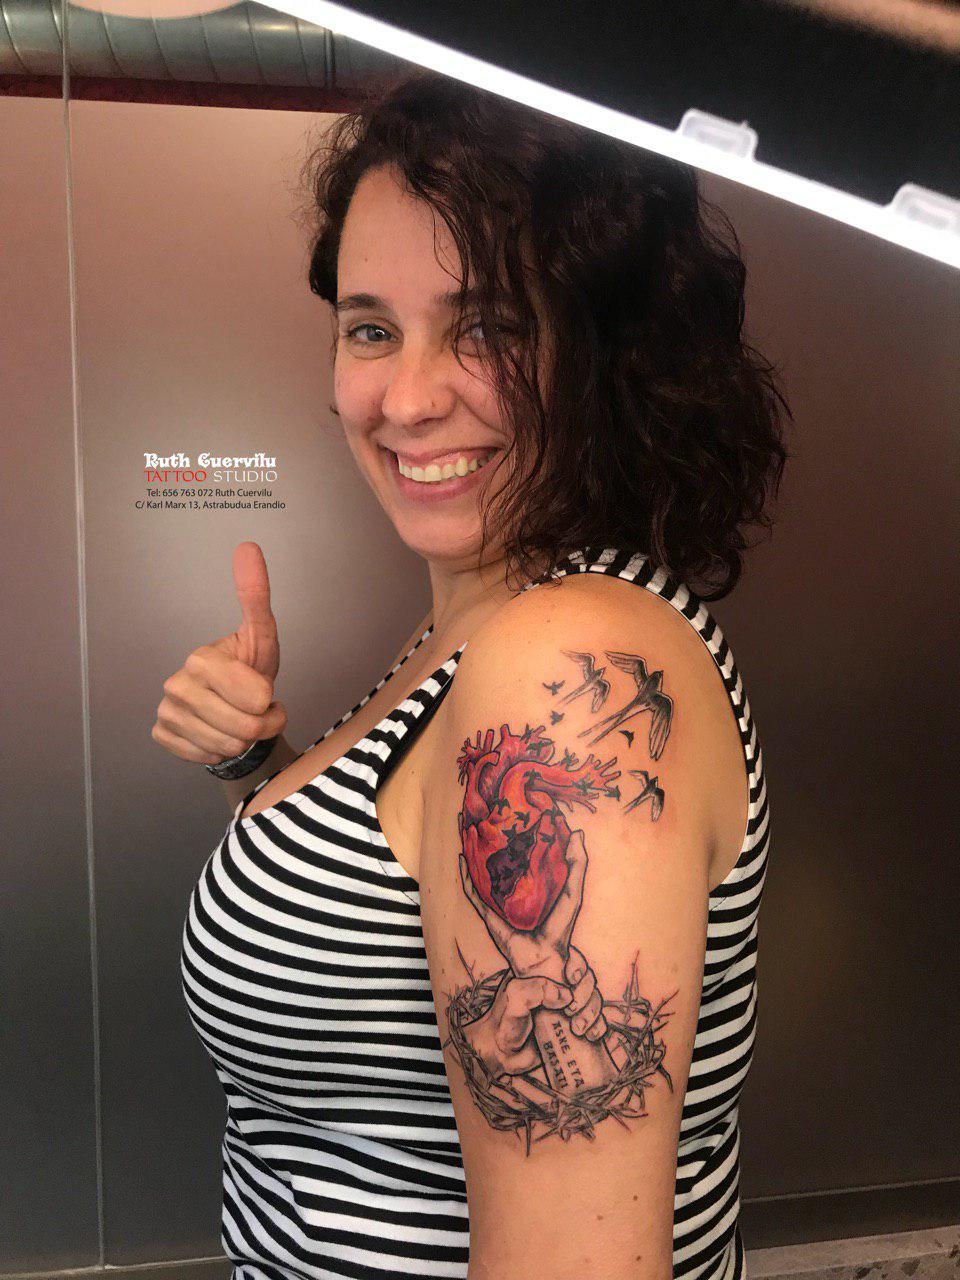 Corazon y manos mujer feliz - Ruth Cuervilu Tattoo - KM13 Studio - Estudio de tatuajes en Erandio, Bizkaia